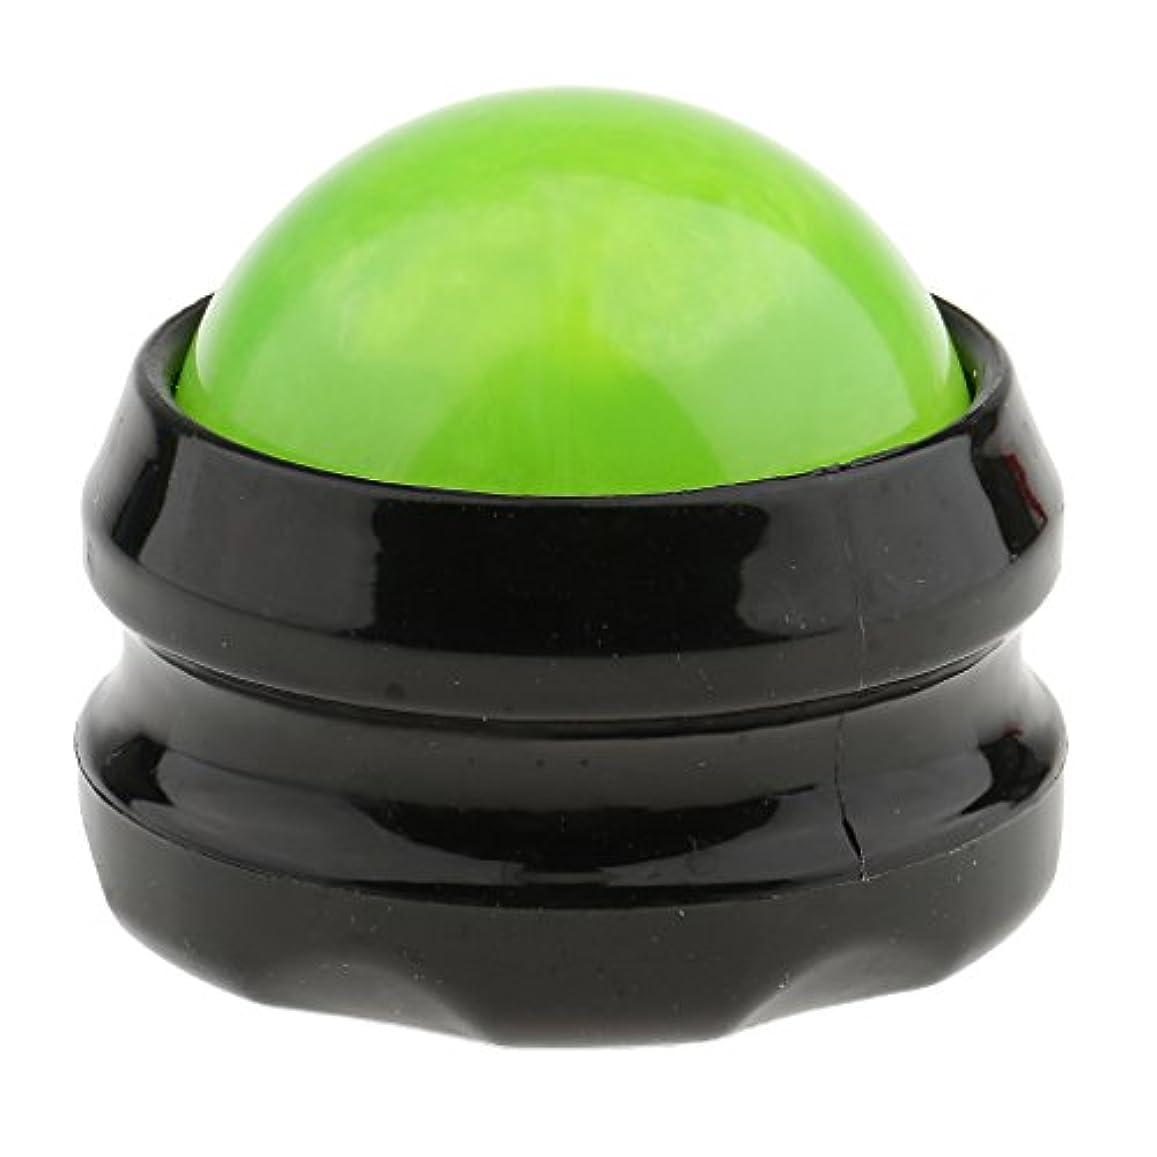 する必要がある信頼性の頭の上Hellery マッサージ ローラーボール ボディマッサージ 自宅 オフィス 旅行 SPA 全4色 - グリーンブラック